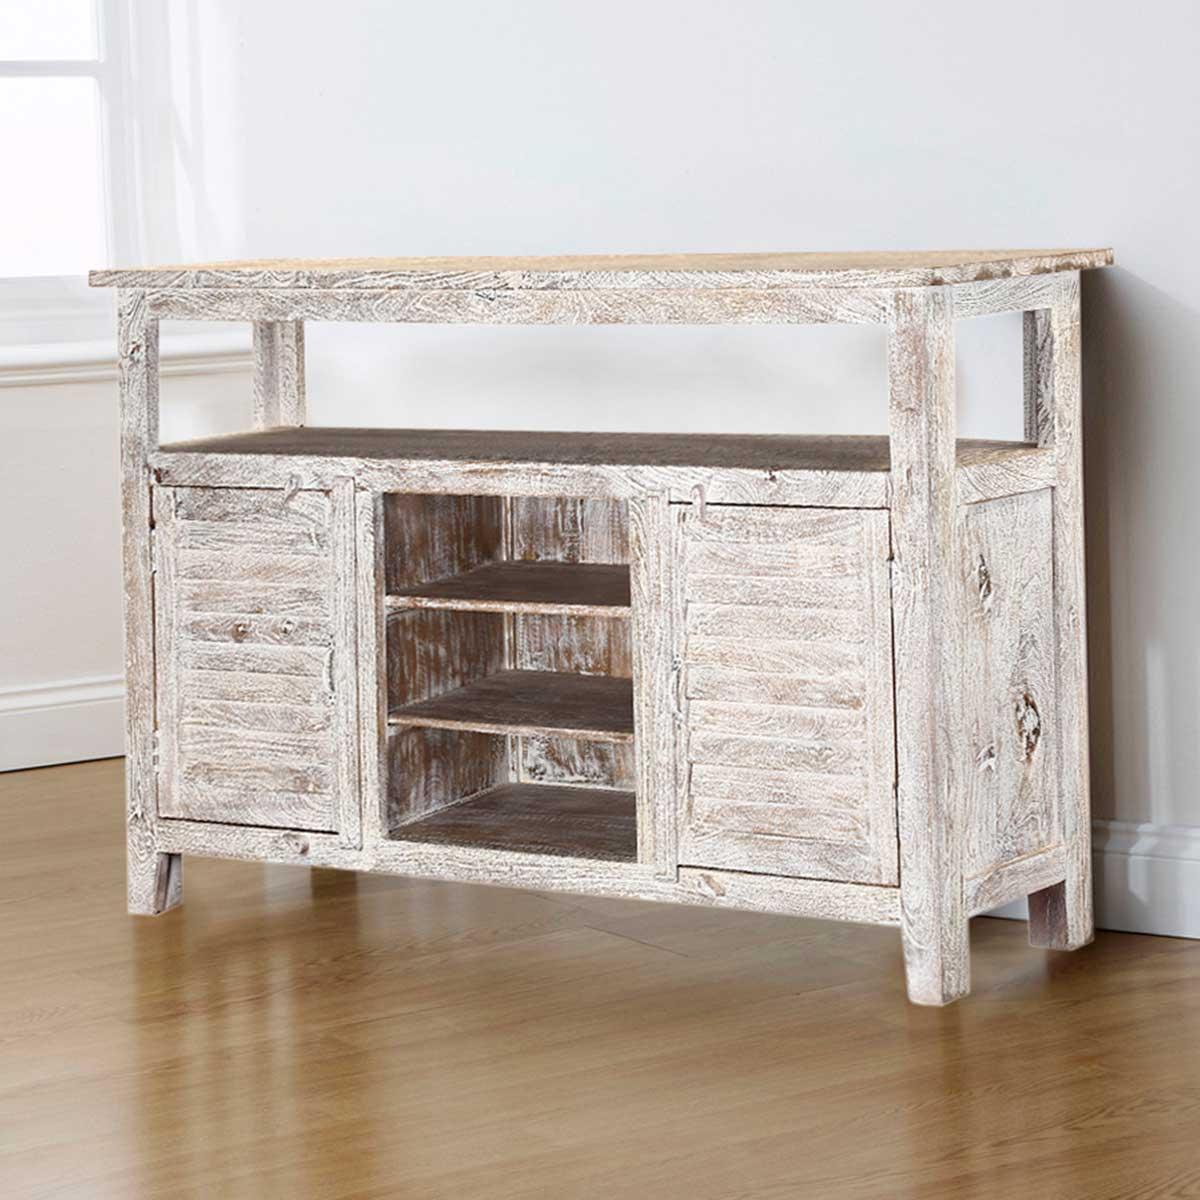 Mifflin Distressed Mango Wood Freestanding Accent Buffet Cabinet